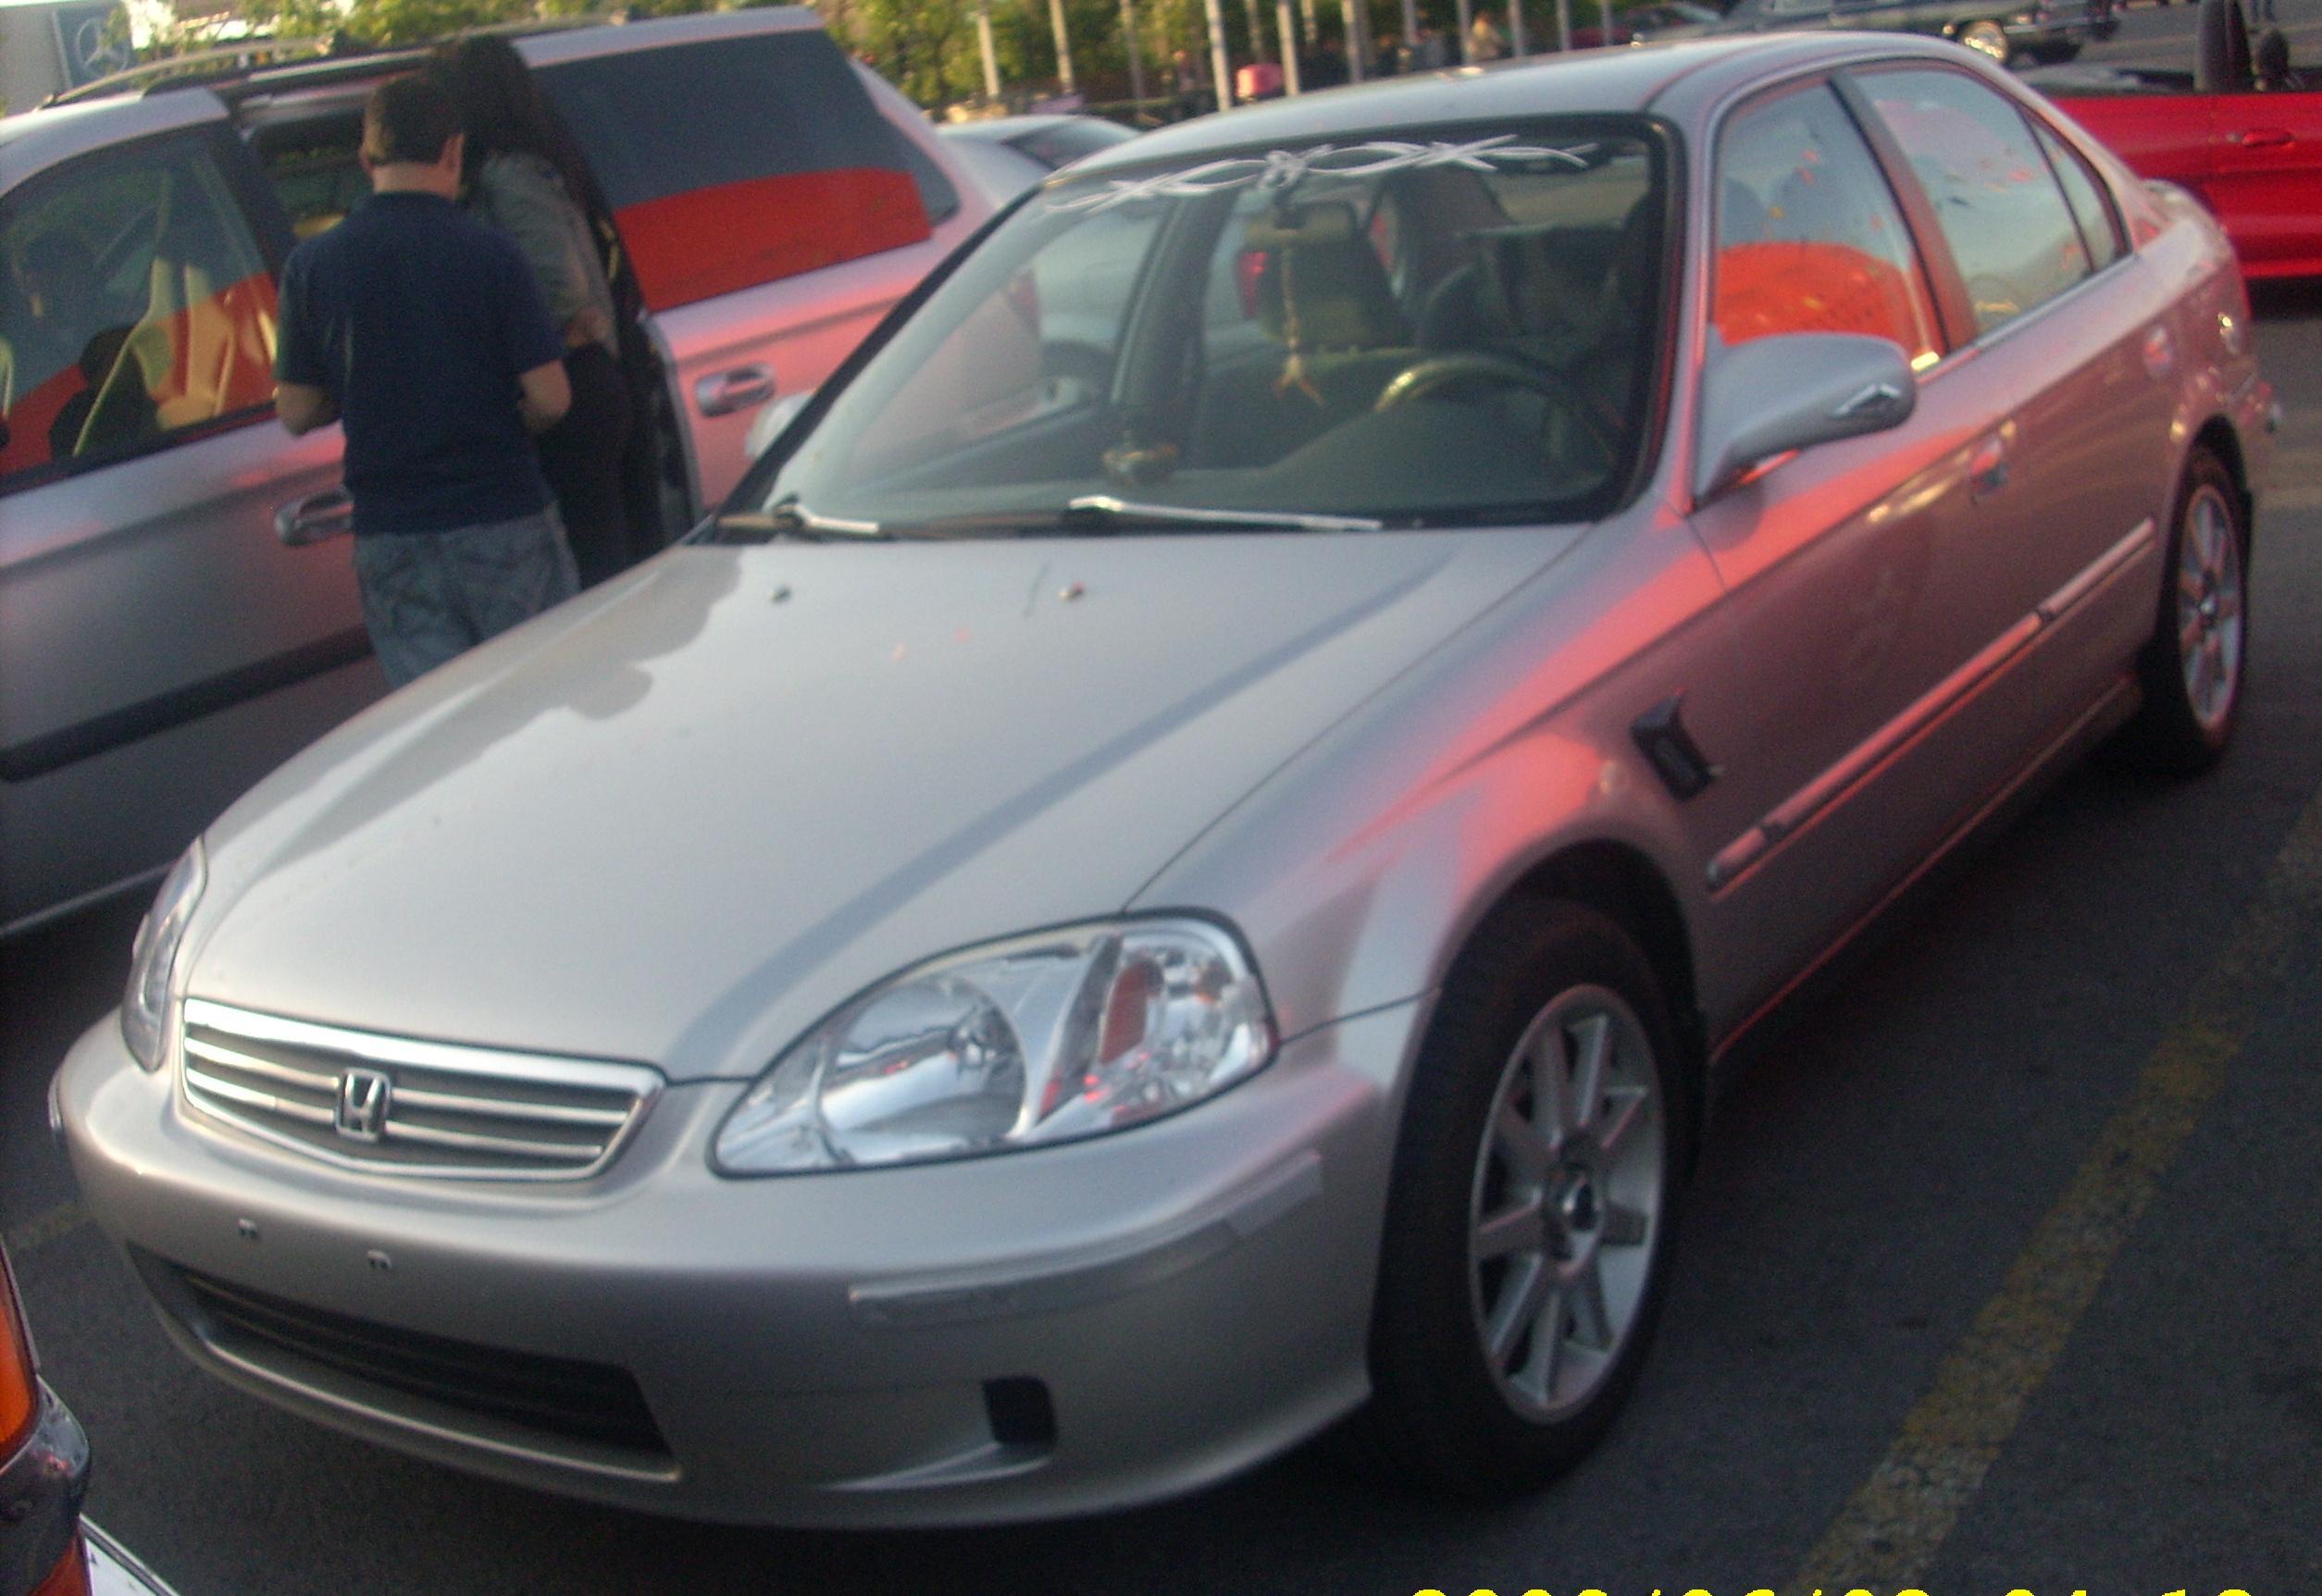 99 Civic Sedan: File:Tuned '99-'00 Honda Civic Sedan (Orange Julep).JPG